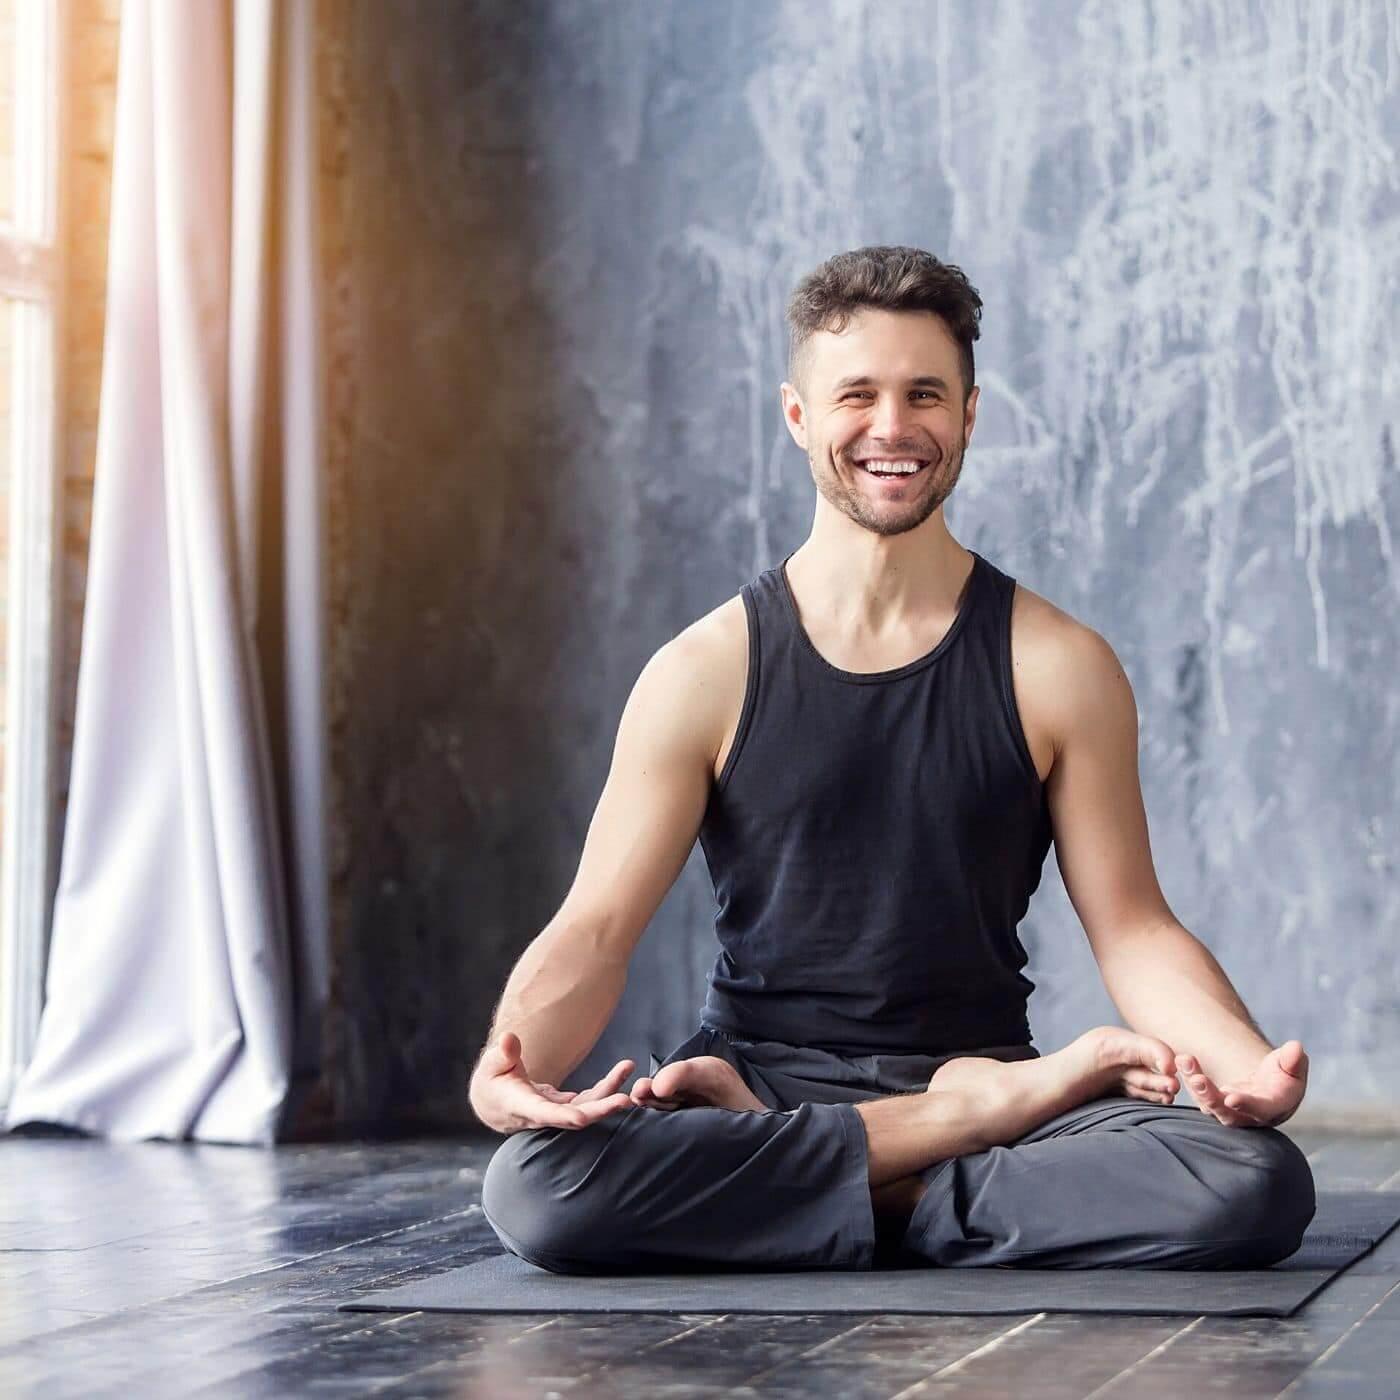 Cours de Yoga à Mulhouse / Illzach